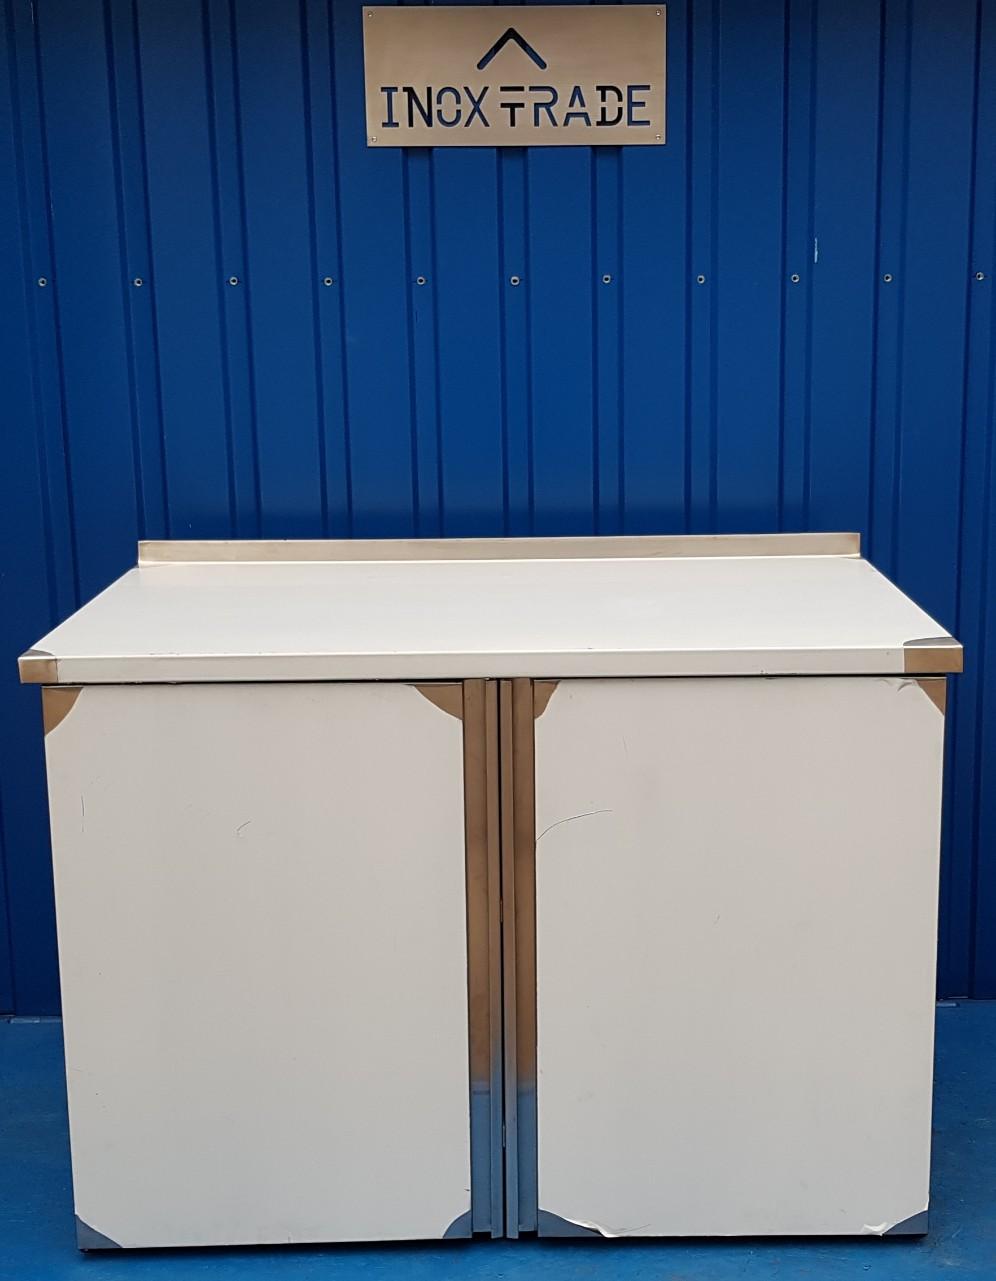 Стол производственный закрытый 1700мм x 600мм x 850мм - фотография №1